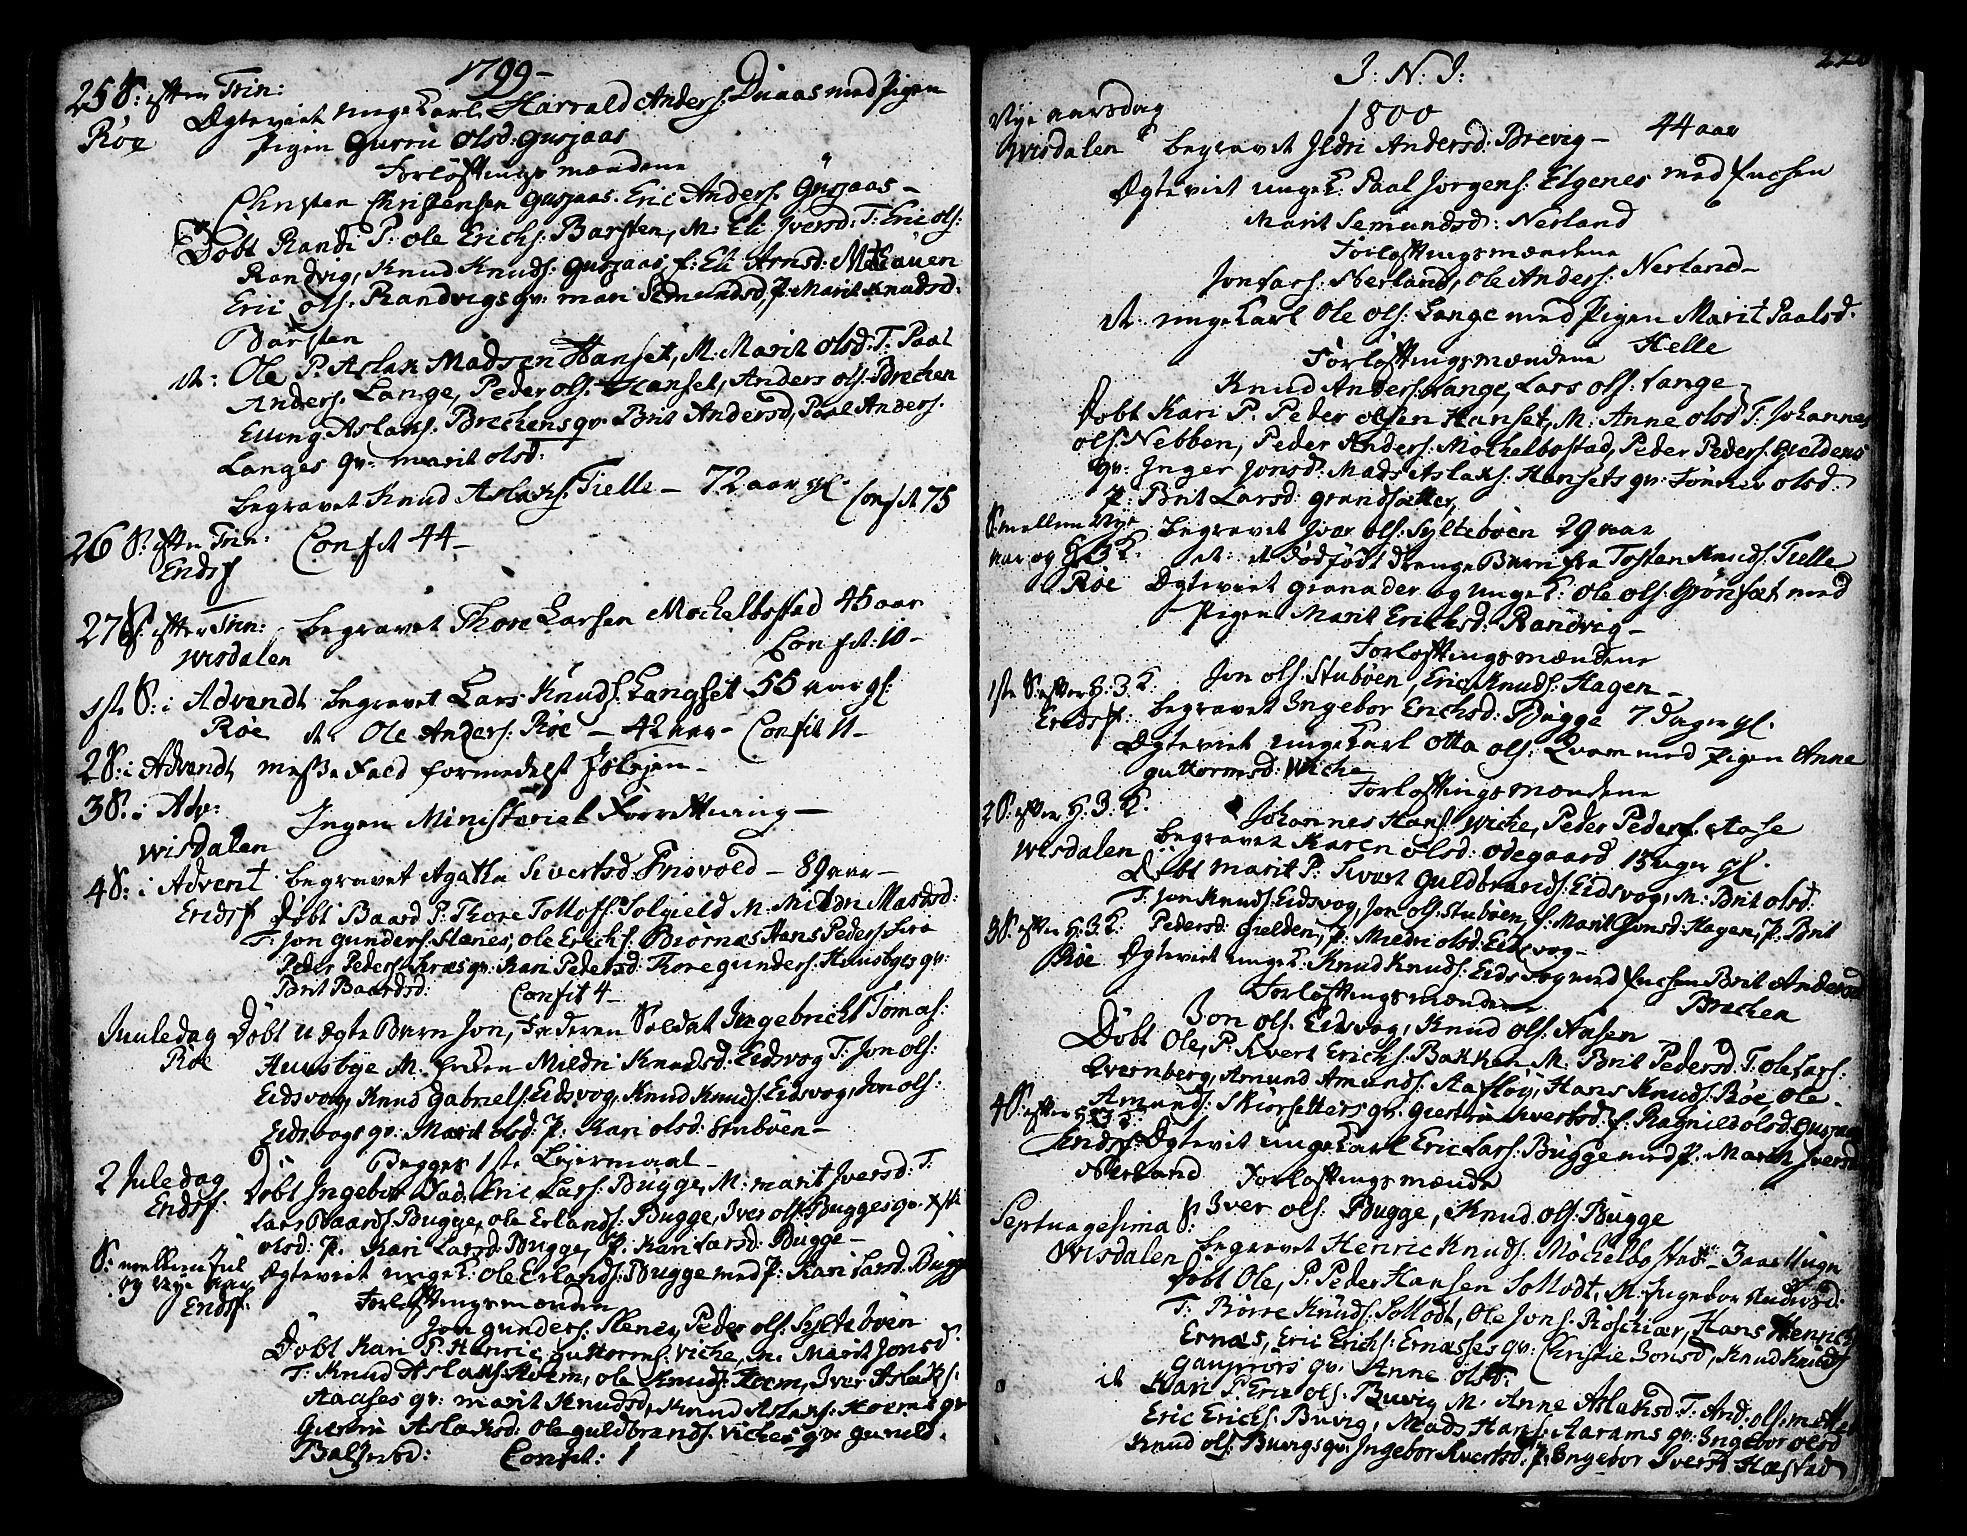 SAT, Ministerialprotokoller, klokkerbøker og fødselsregistre - Møre og Romsdal, 551/L0621: Ministerialbok nr. 551A01, 1757-1803, s. 220